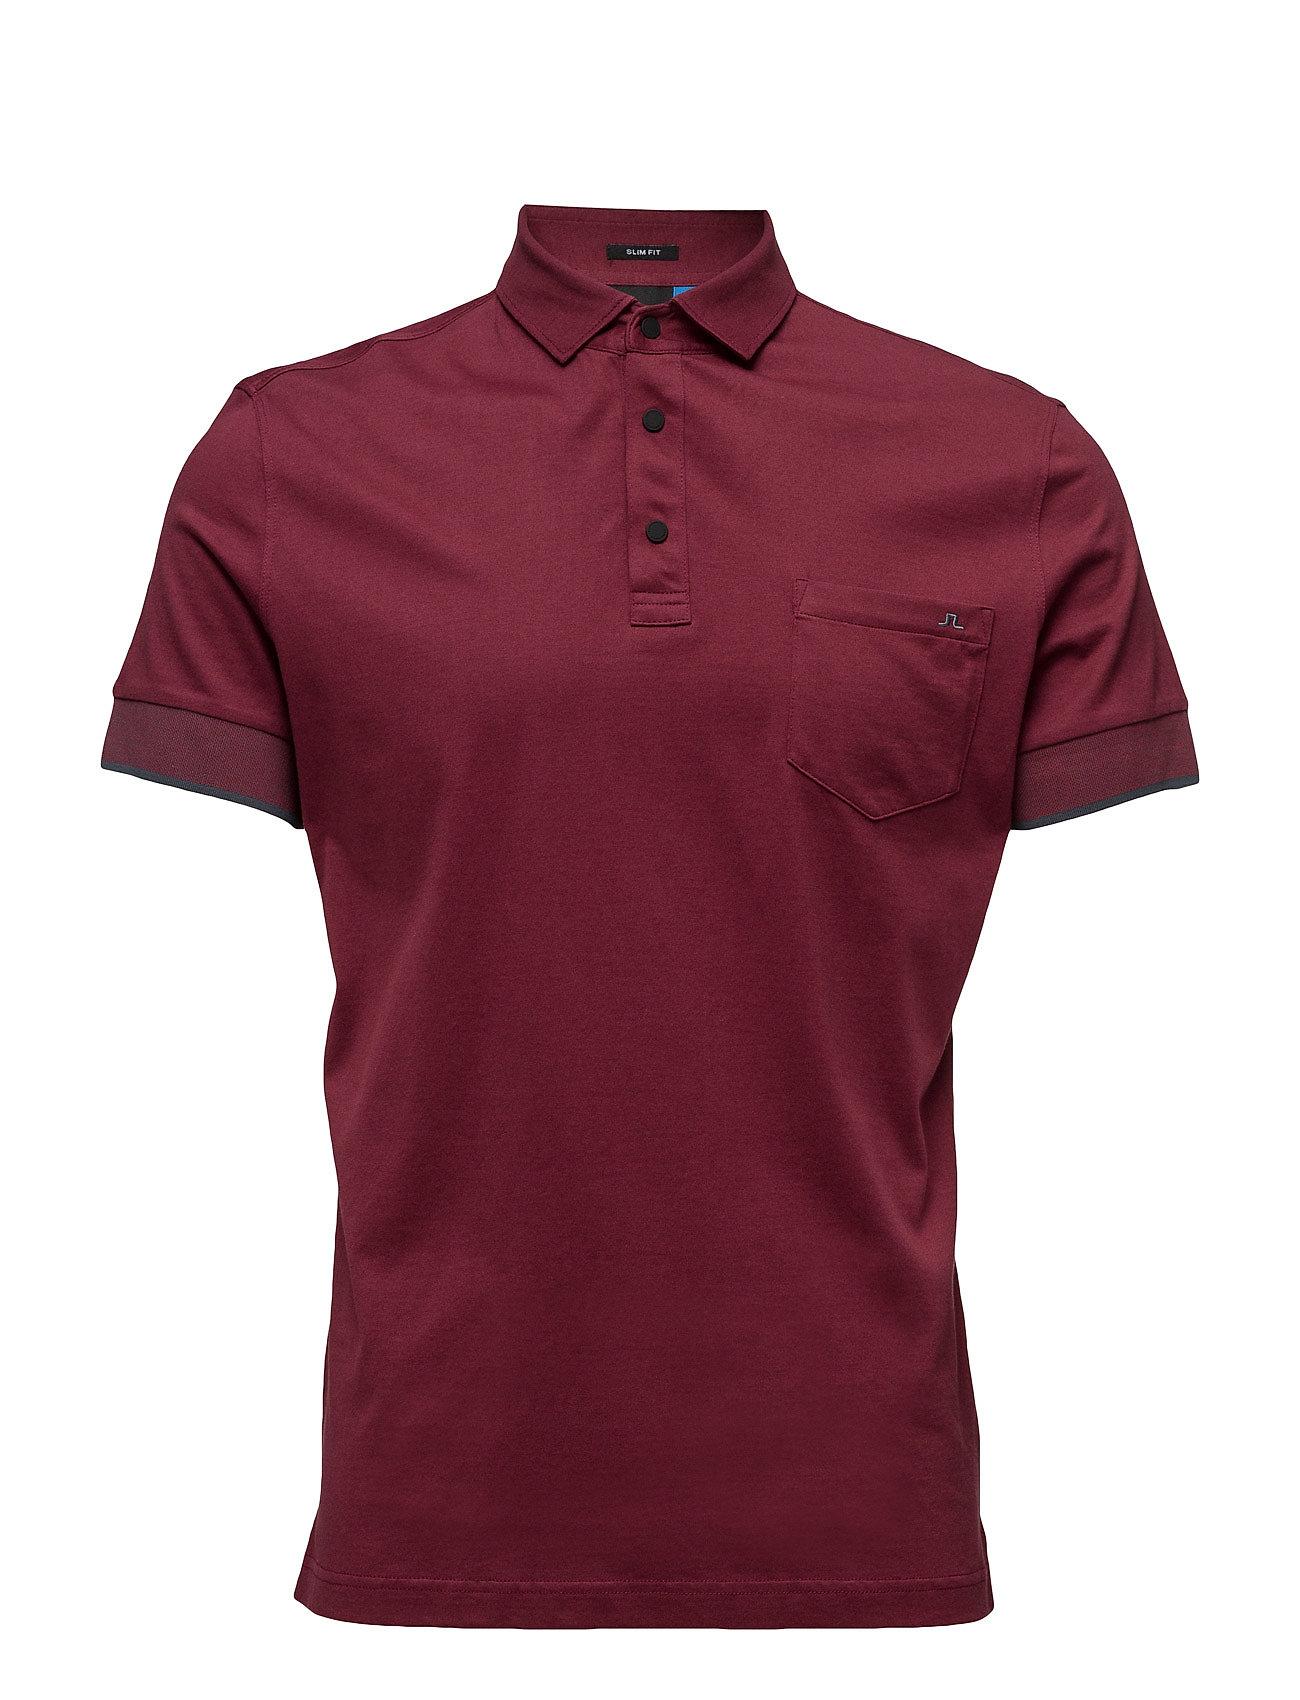 M Eric Slim Lux Jersey J. Lindeberg Golf Golf polo t-shirts til Herrer i Blomme